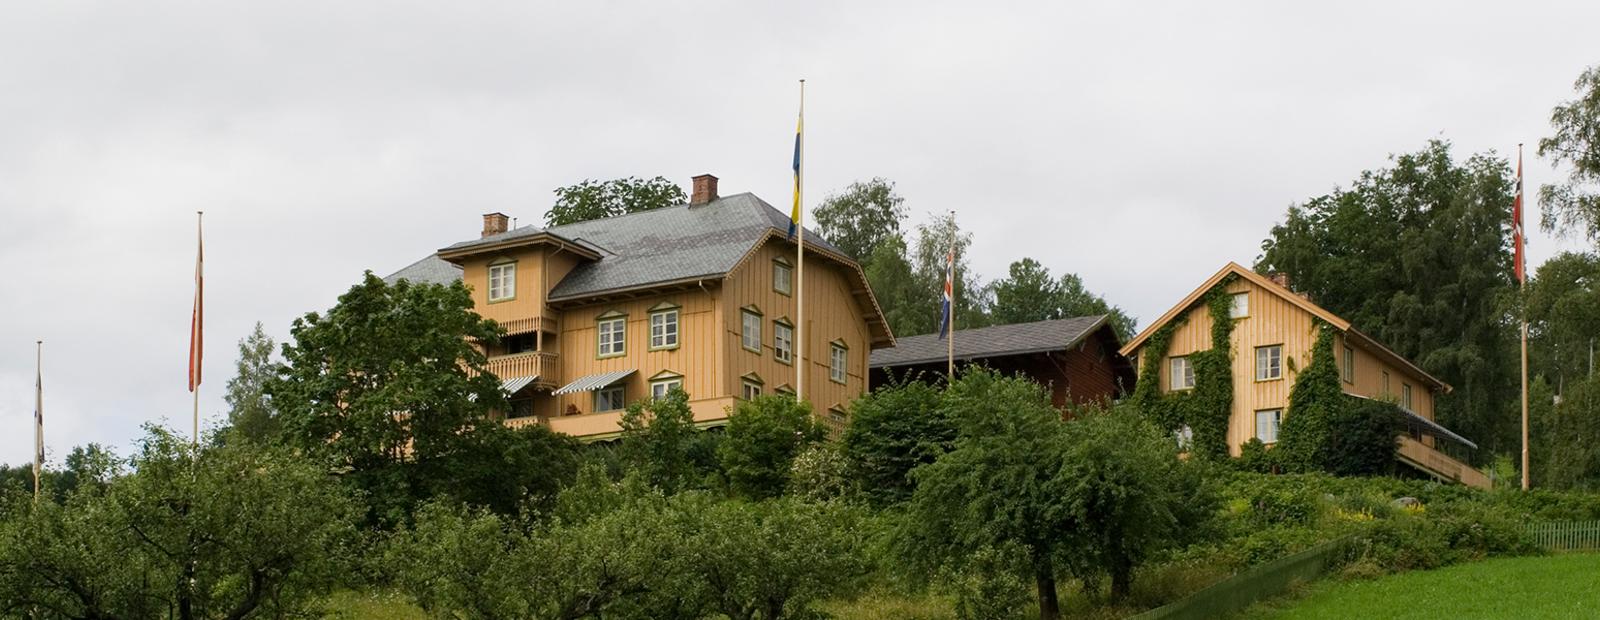 Aulestad, home of Bjørnstjerne Bjørnson.